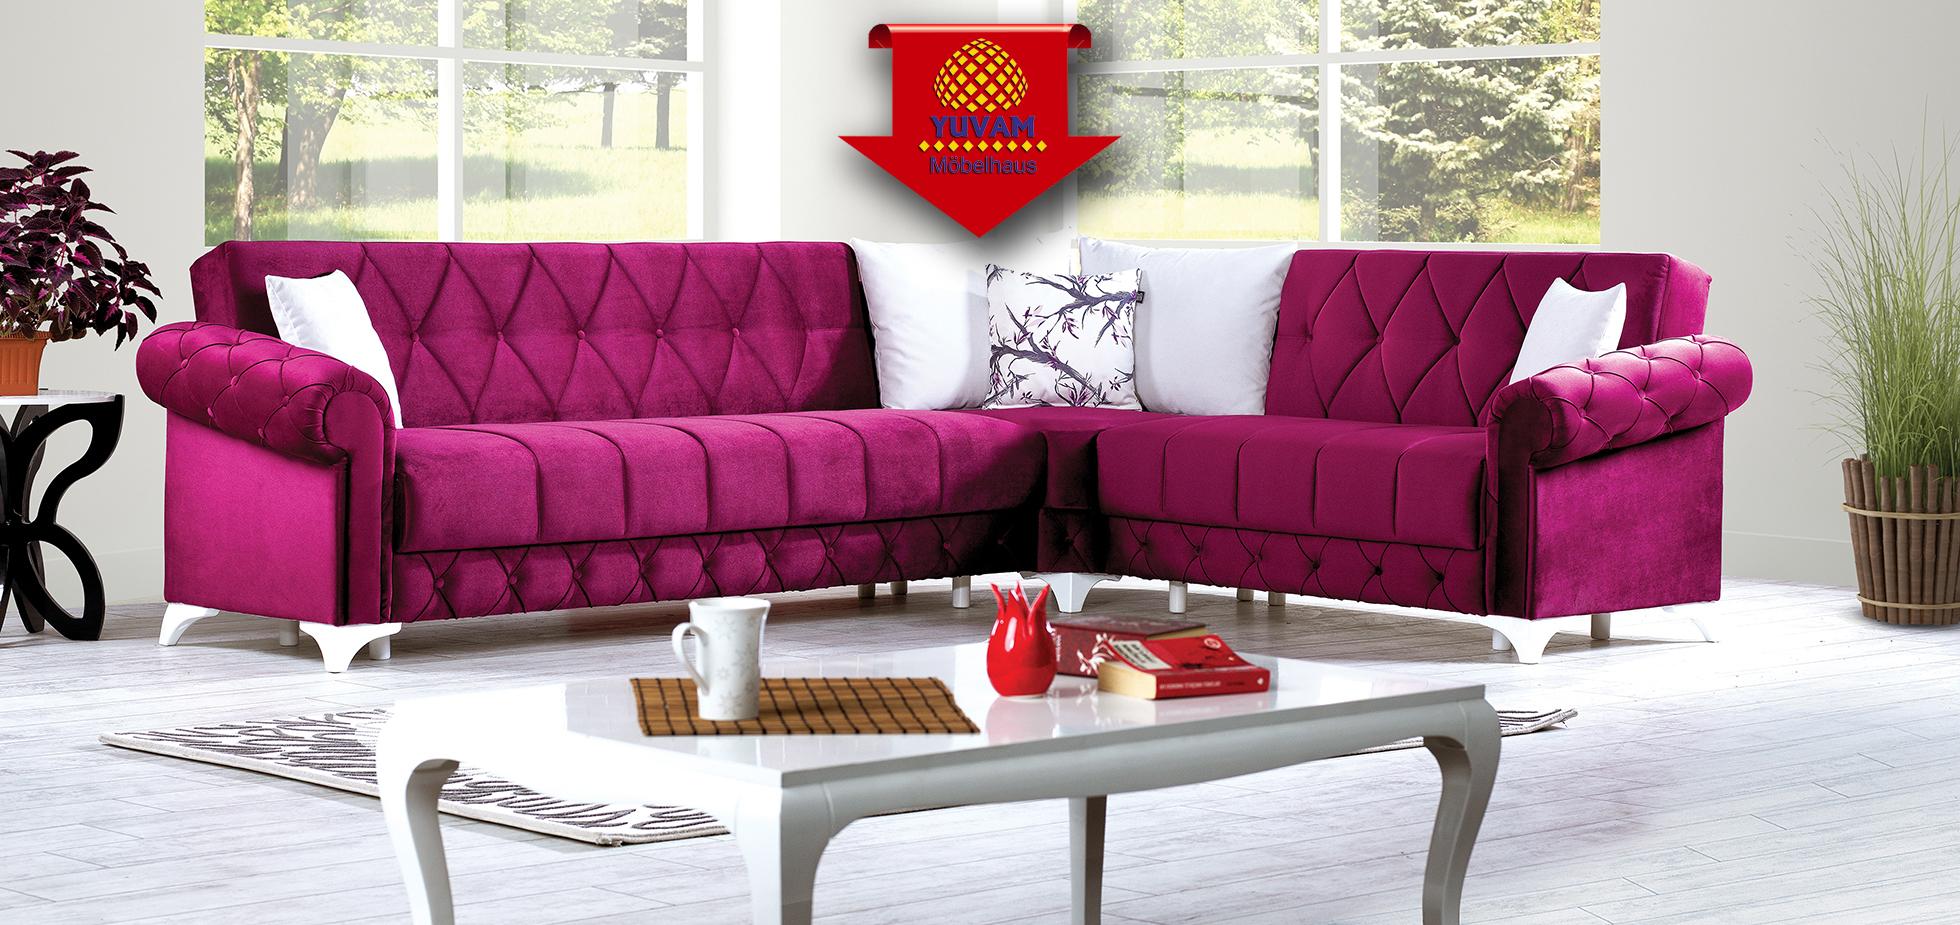 gamze sitzecke 3 v 2 yuvam m belhaus in wuppertal cilek offizieller h ndler in europa. Black Bedroom Furniture Sets. Home Design Ideas